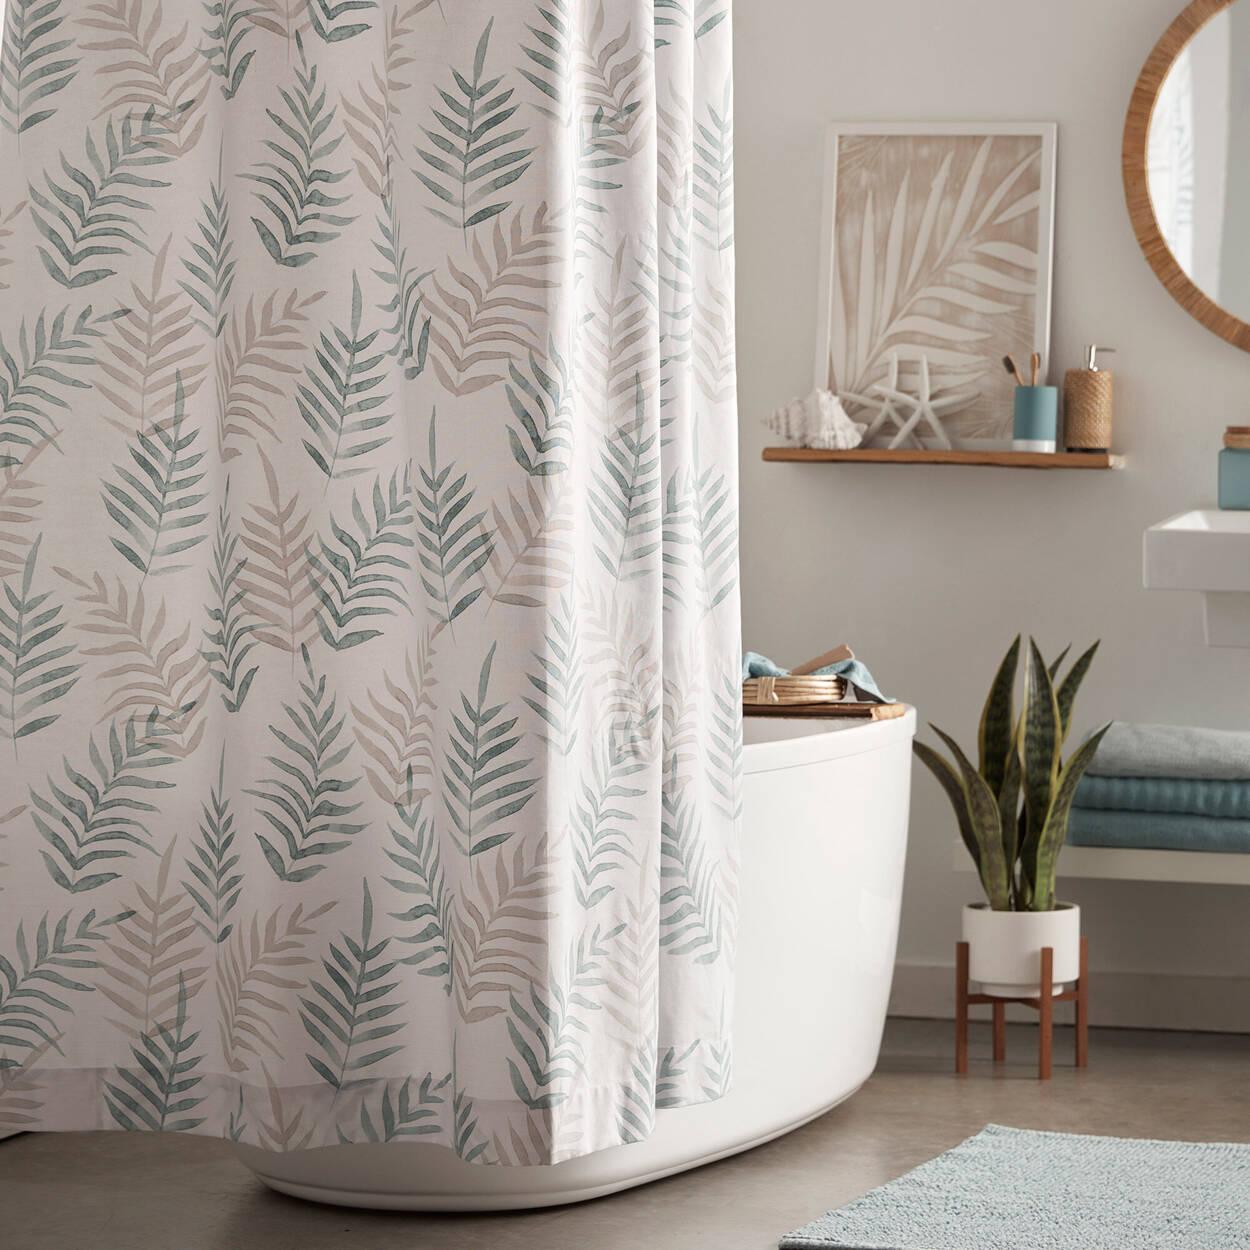 Rideau de douche avec motif de feuilles